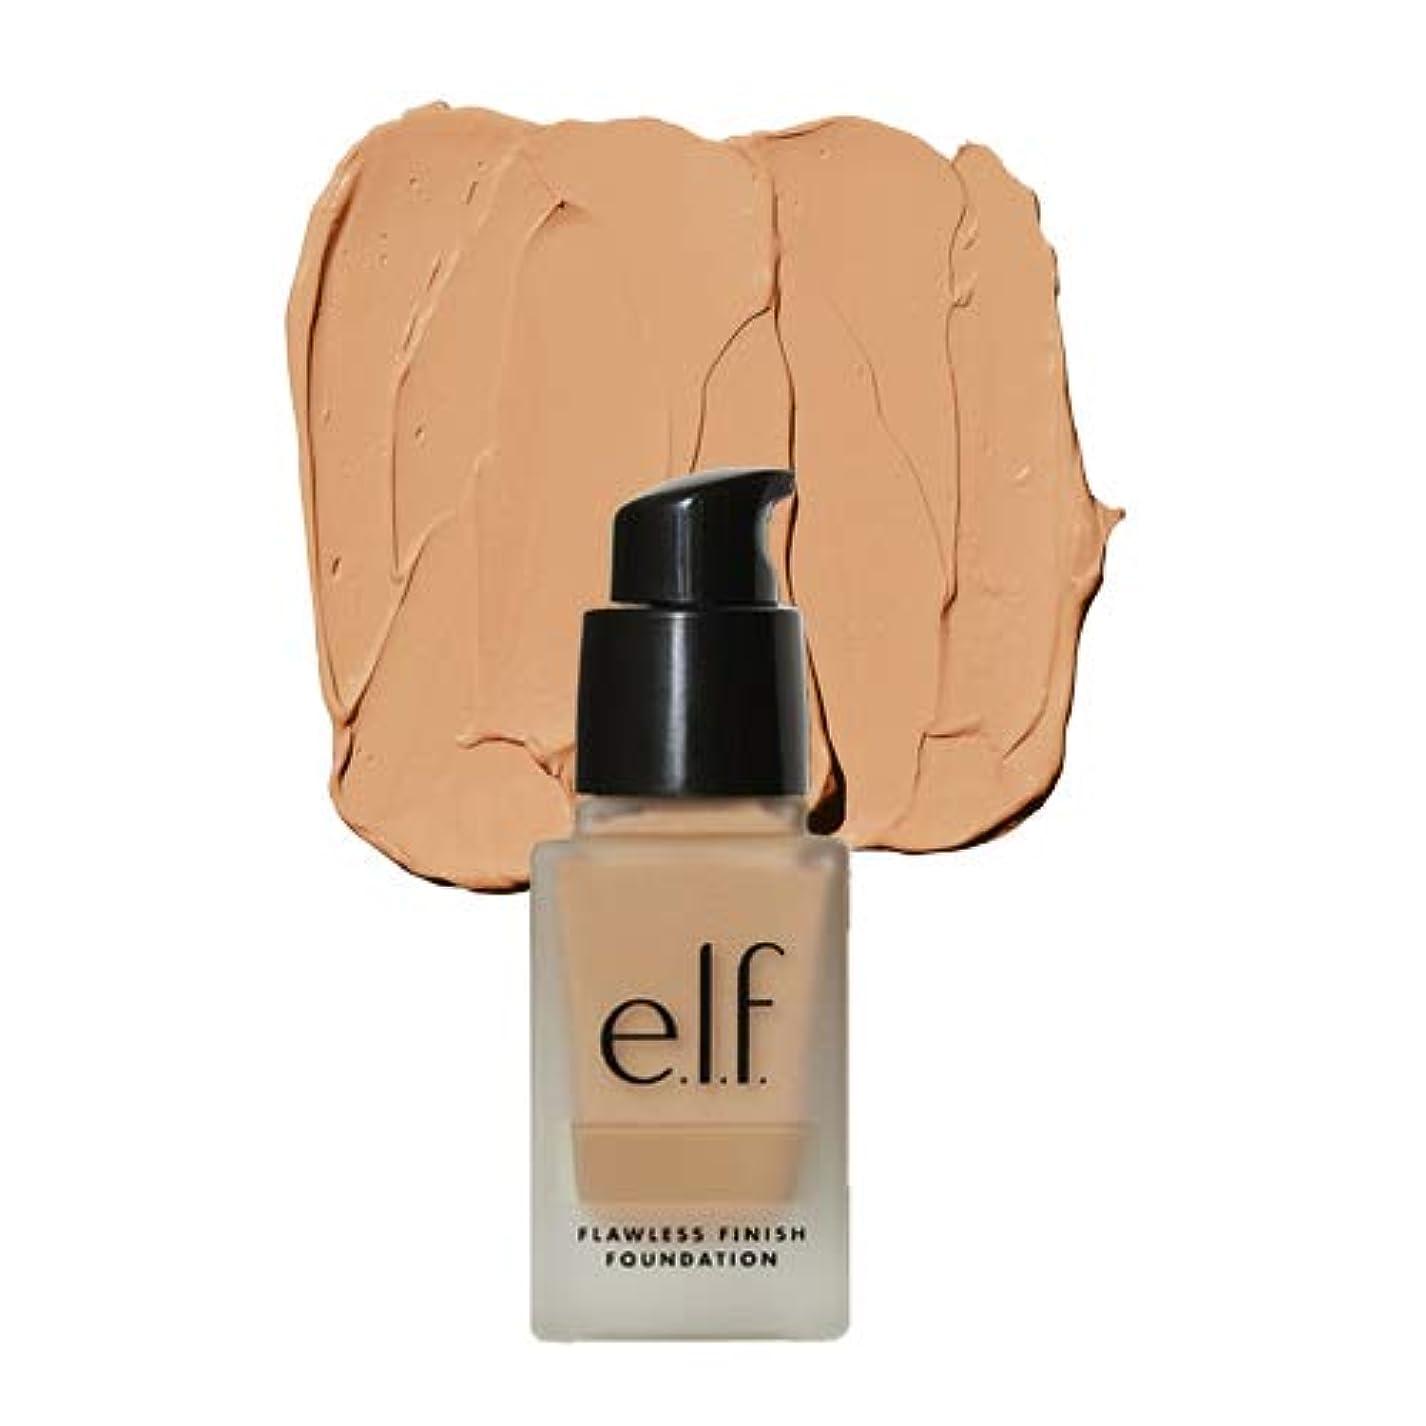 記憶に残る取り組む他の場所e.l.f. Oil Free Flawless Finish Foundation - Toffee (並行輸入品)